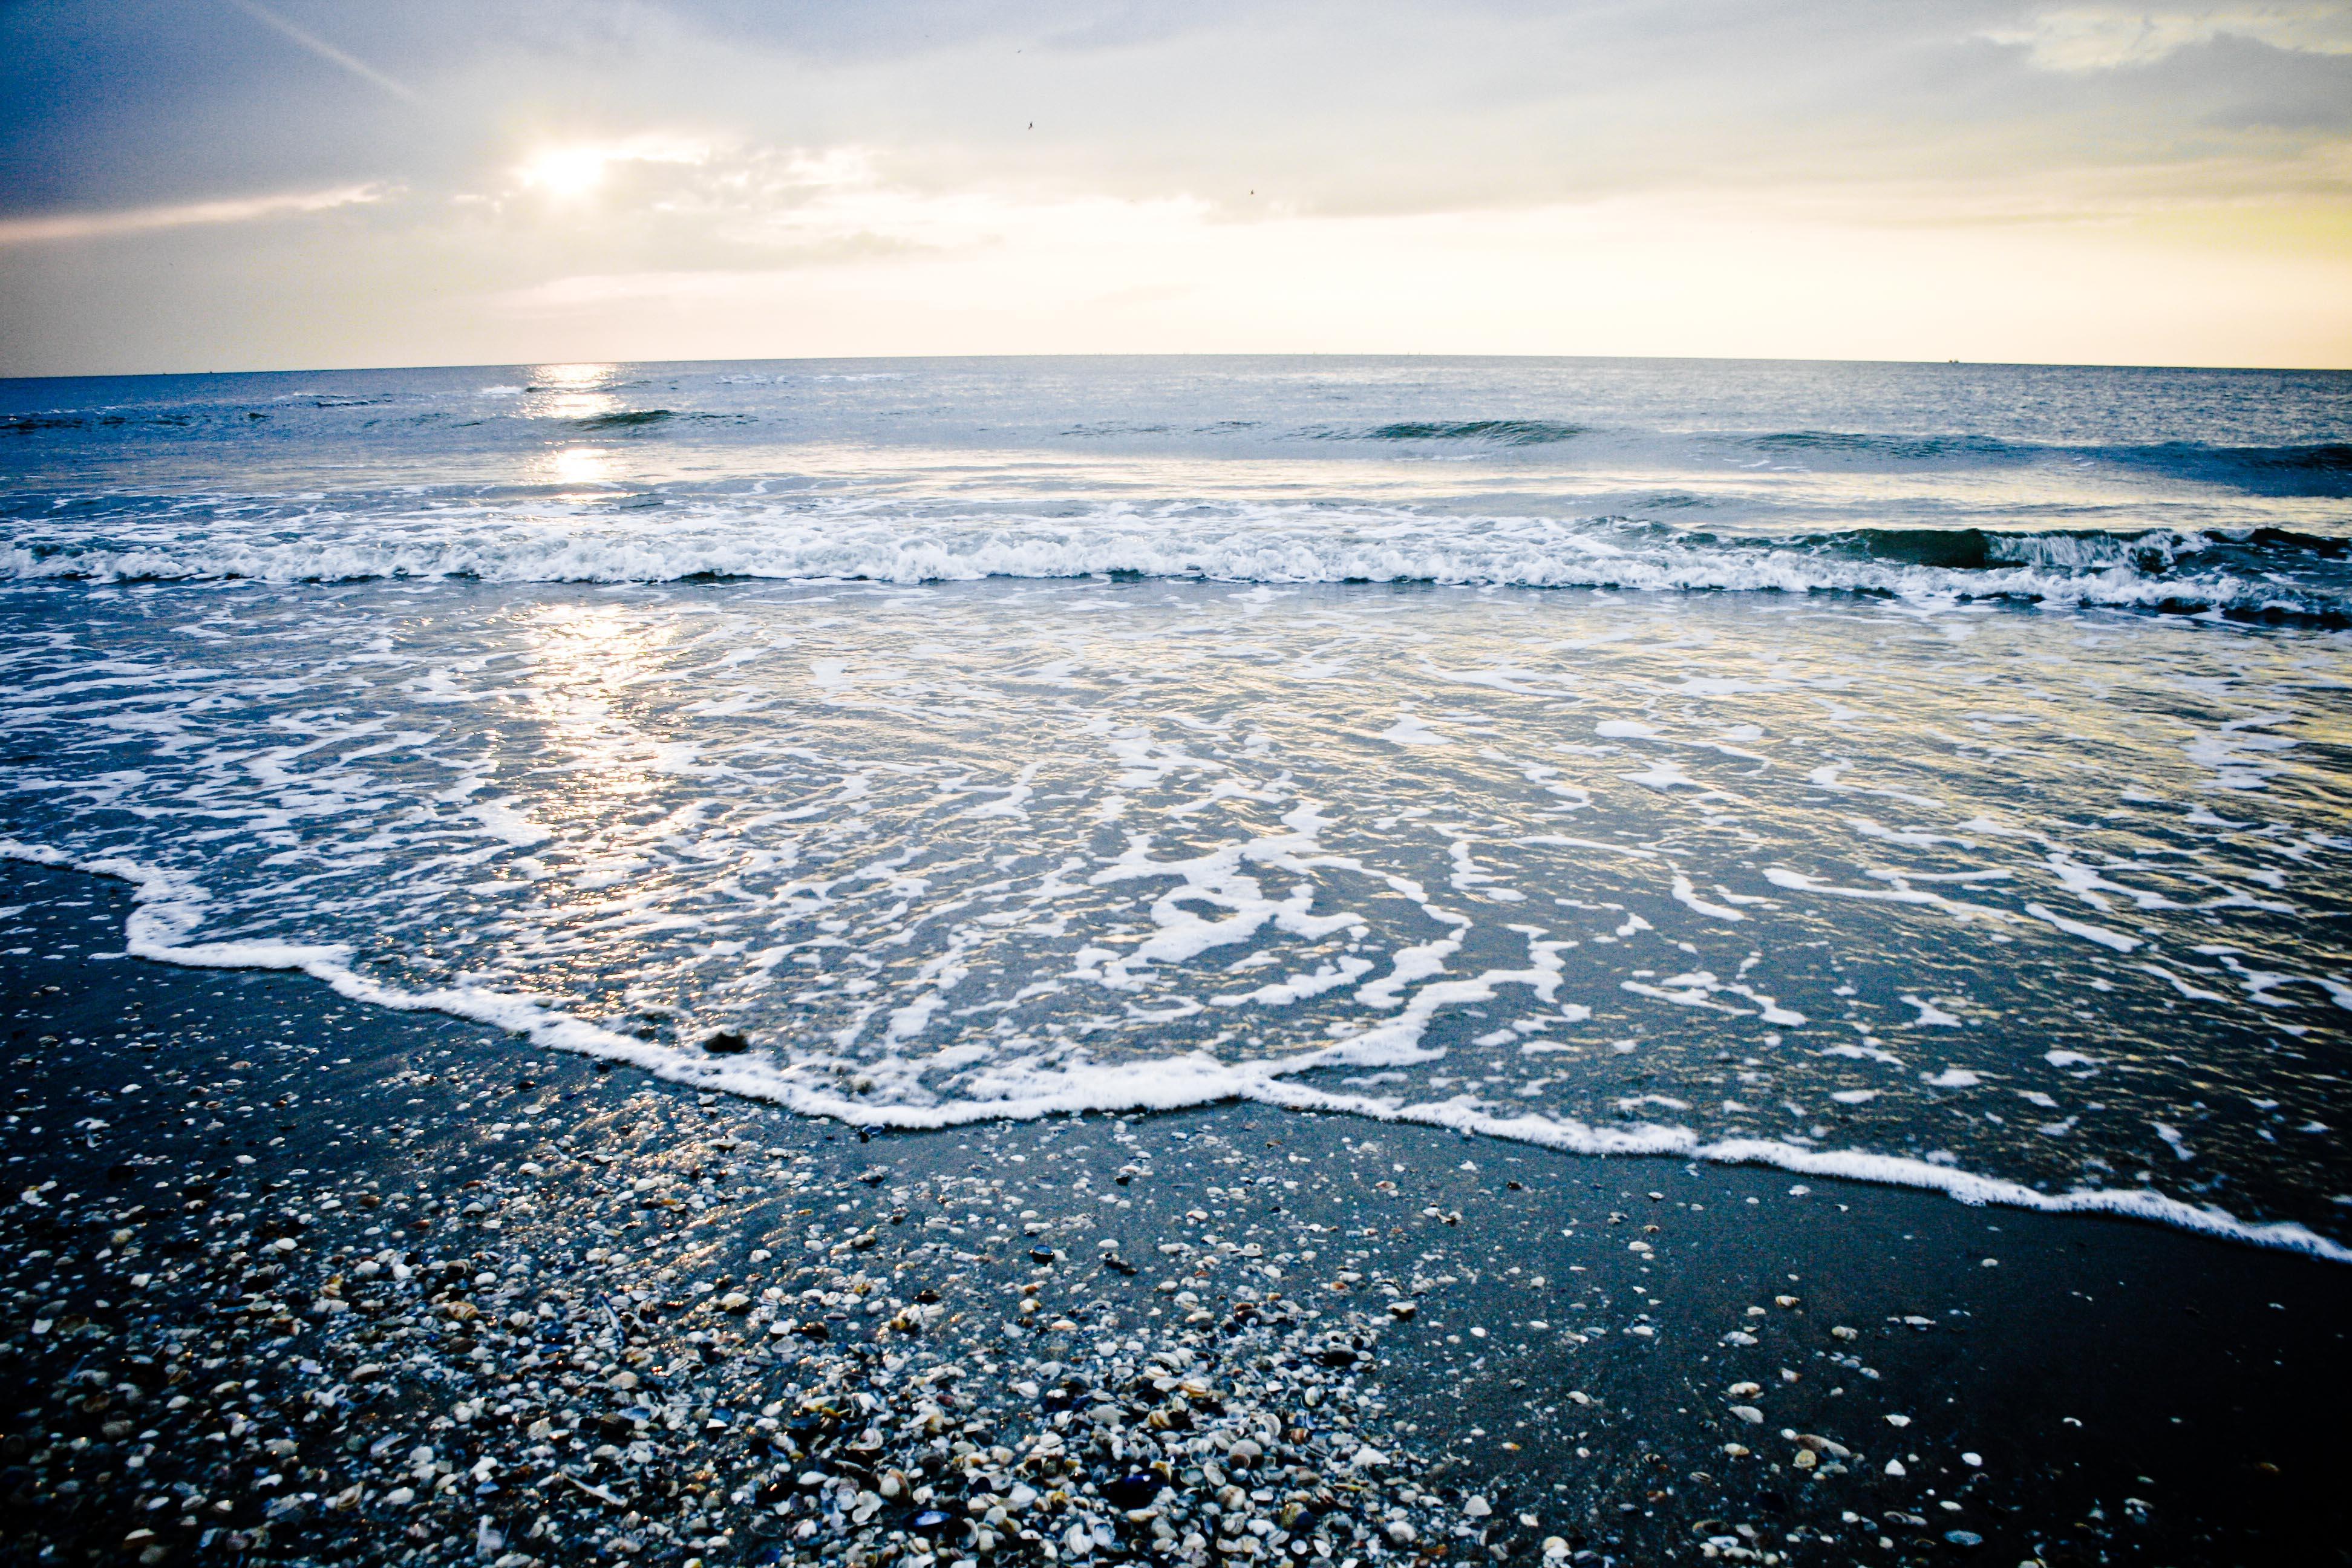 Sunset ocean photo